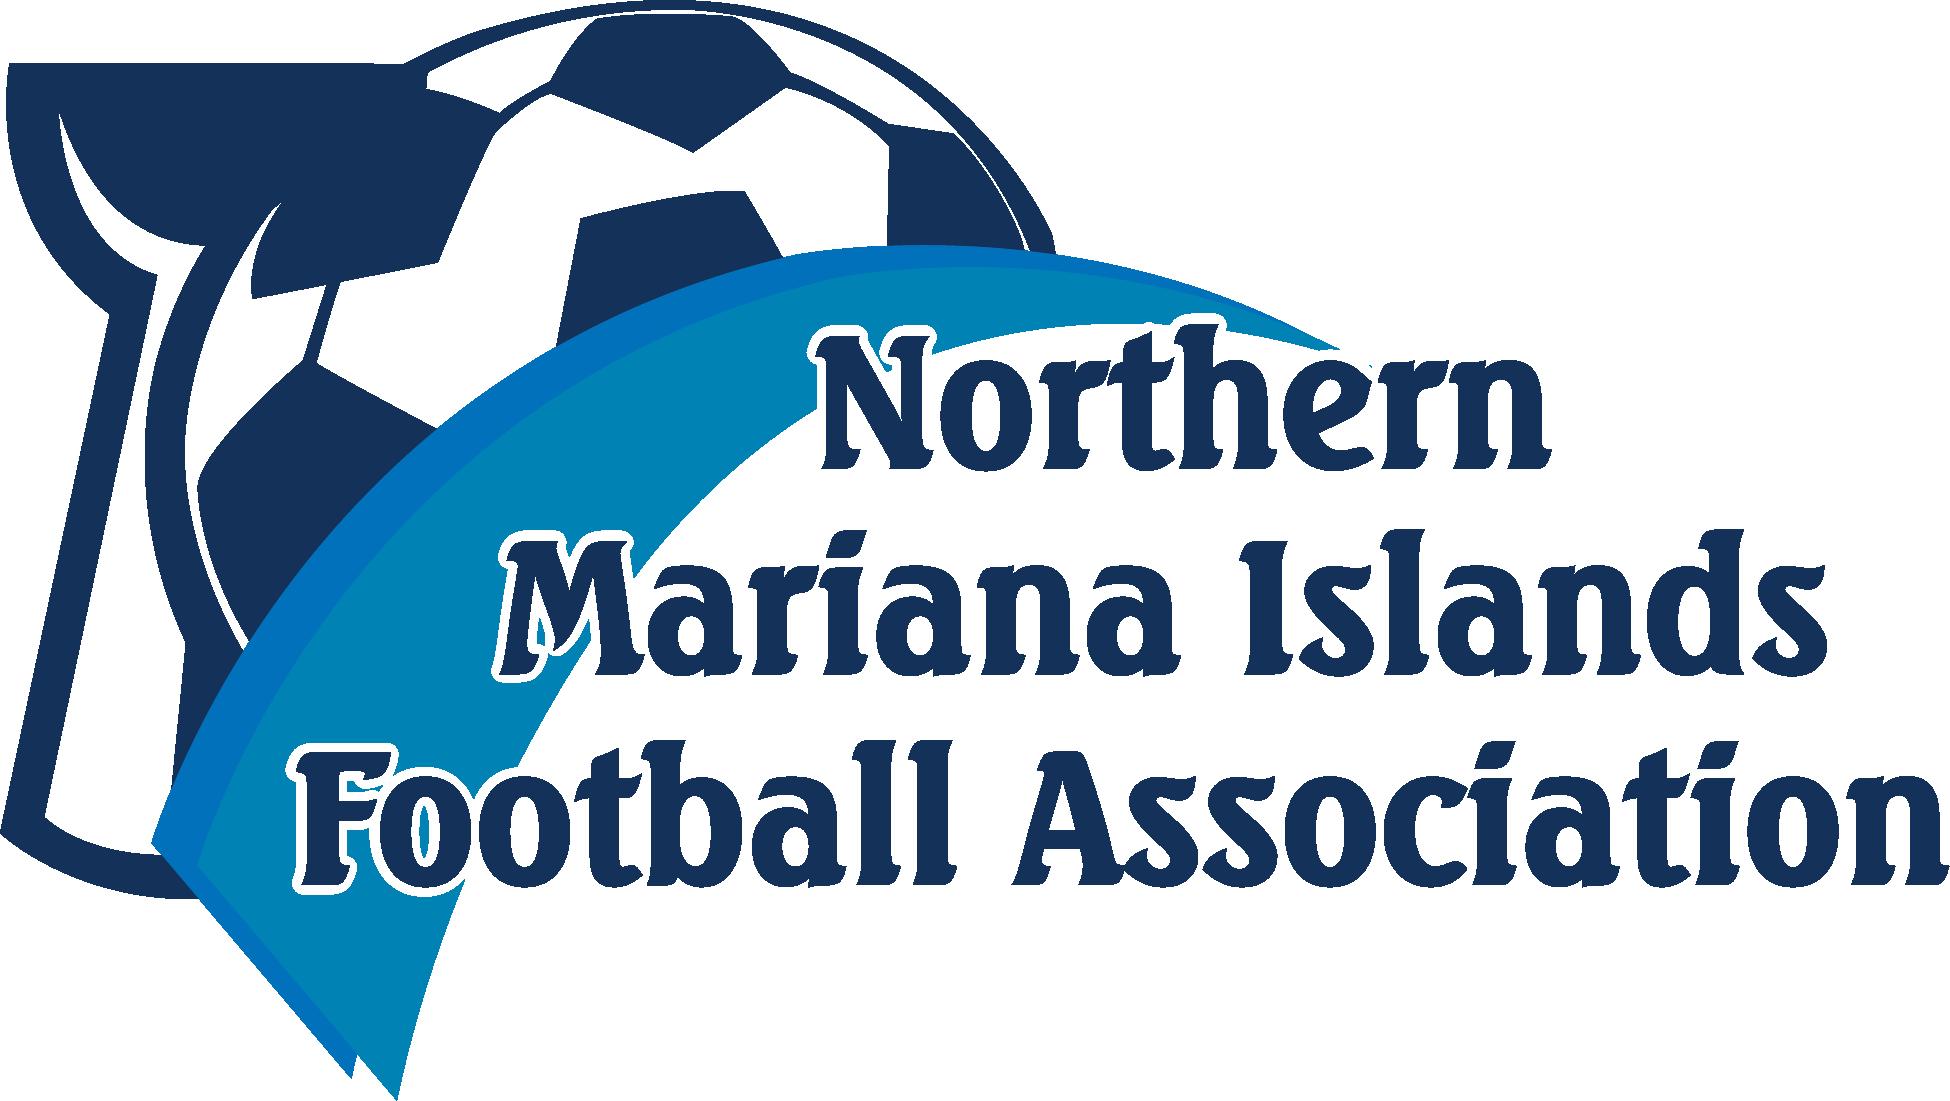 Northern Mariana Islands Football Association (NMIFA)